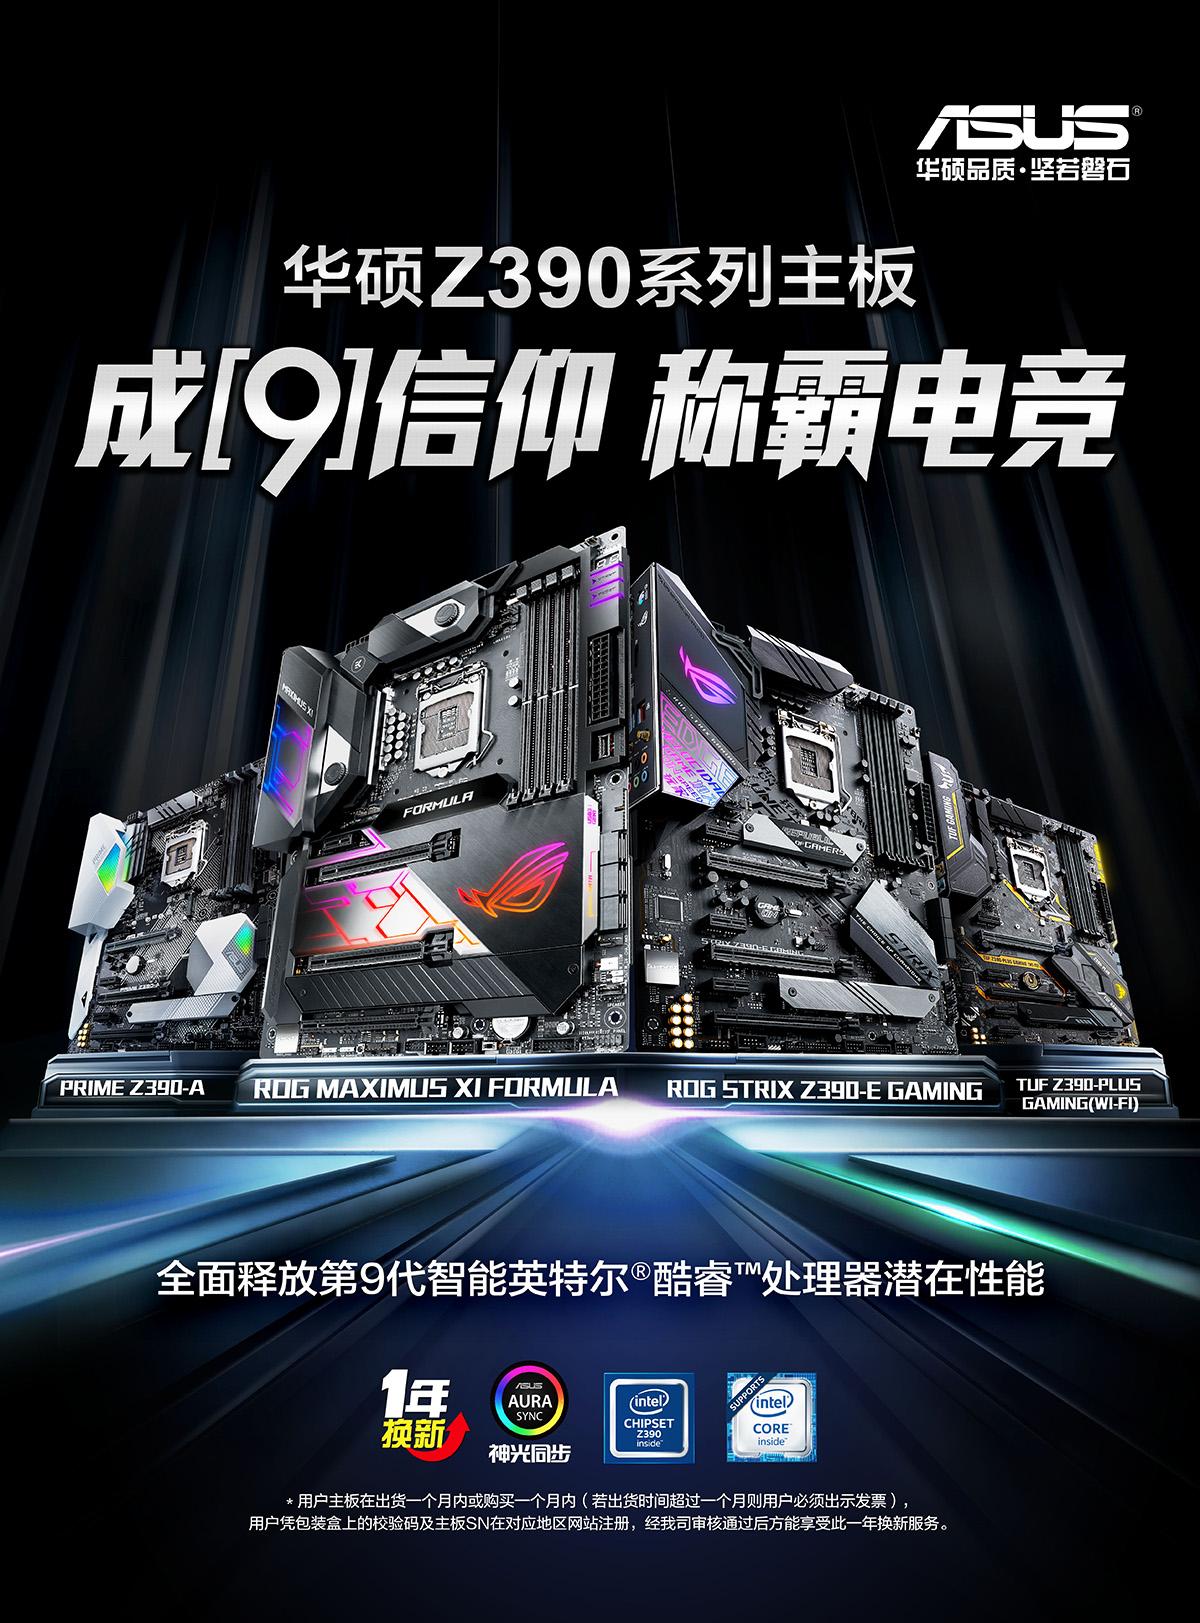 引爆i9-9900K性能首秀!华硕Z390主板尽显次时代性能